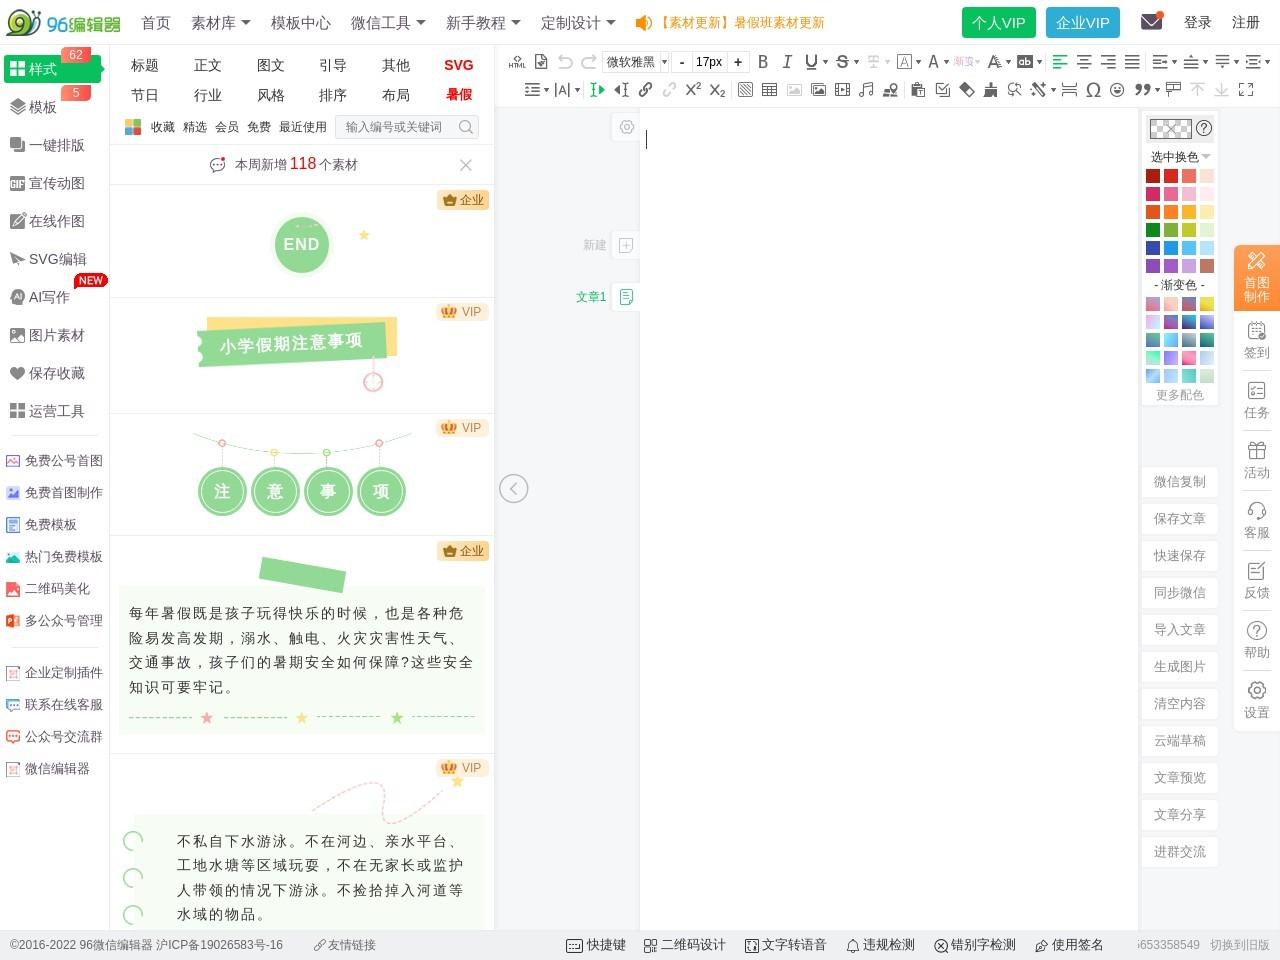 96微信编辑器_公众号排版工具